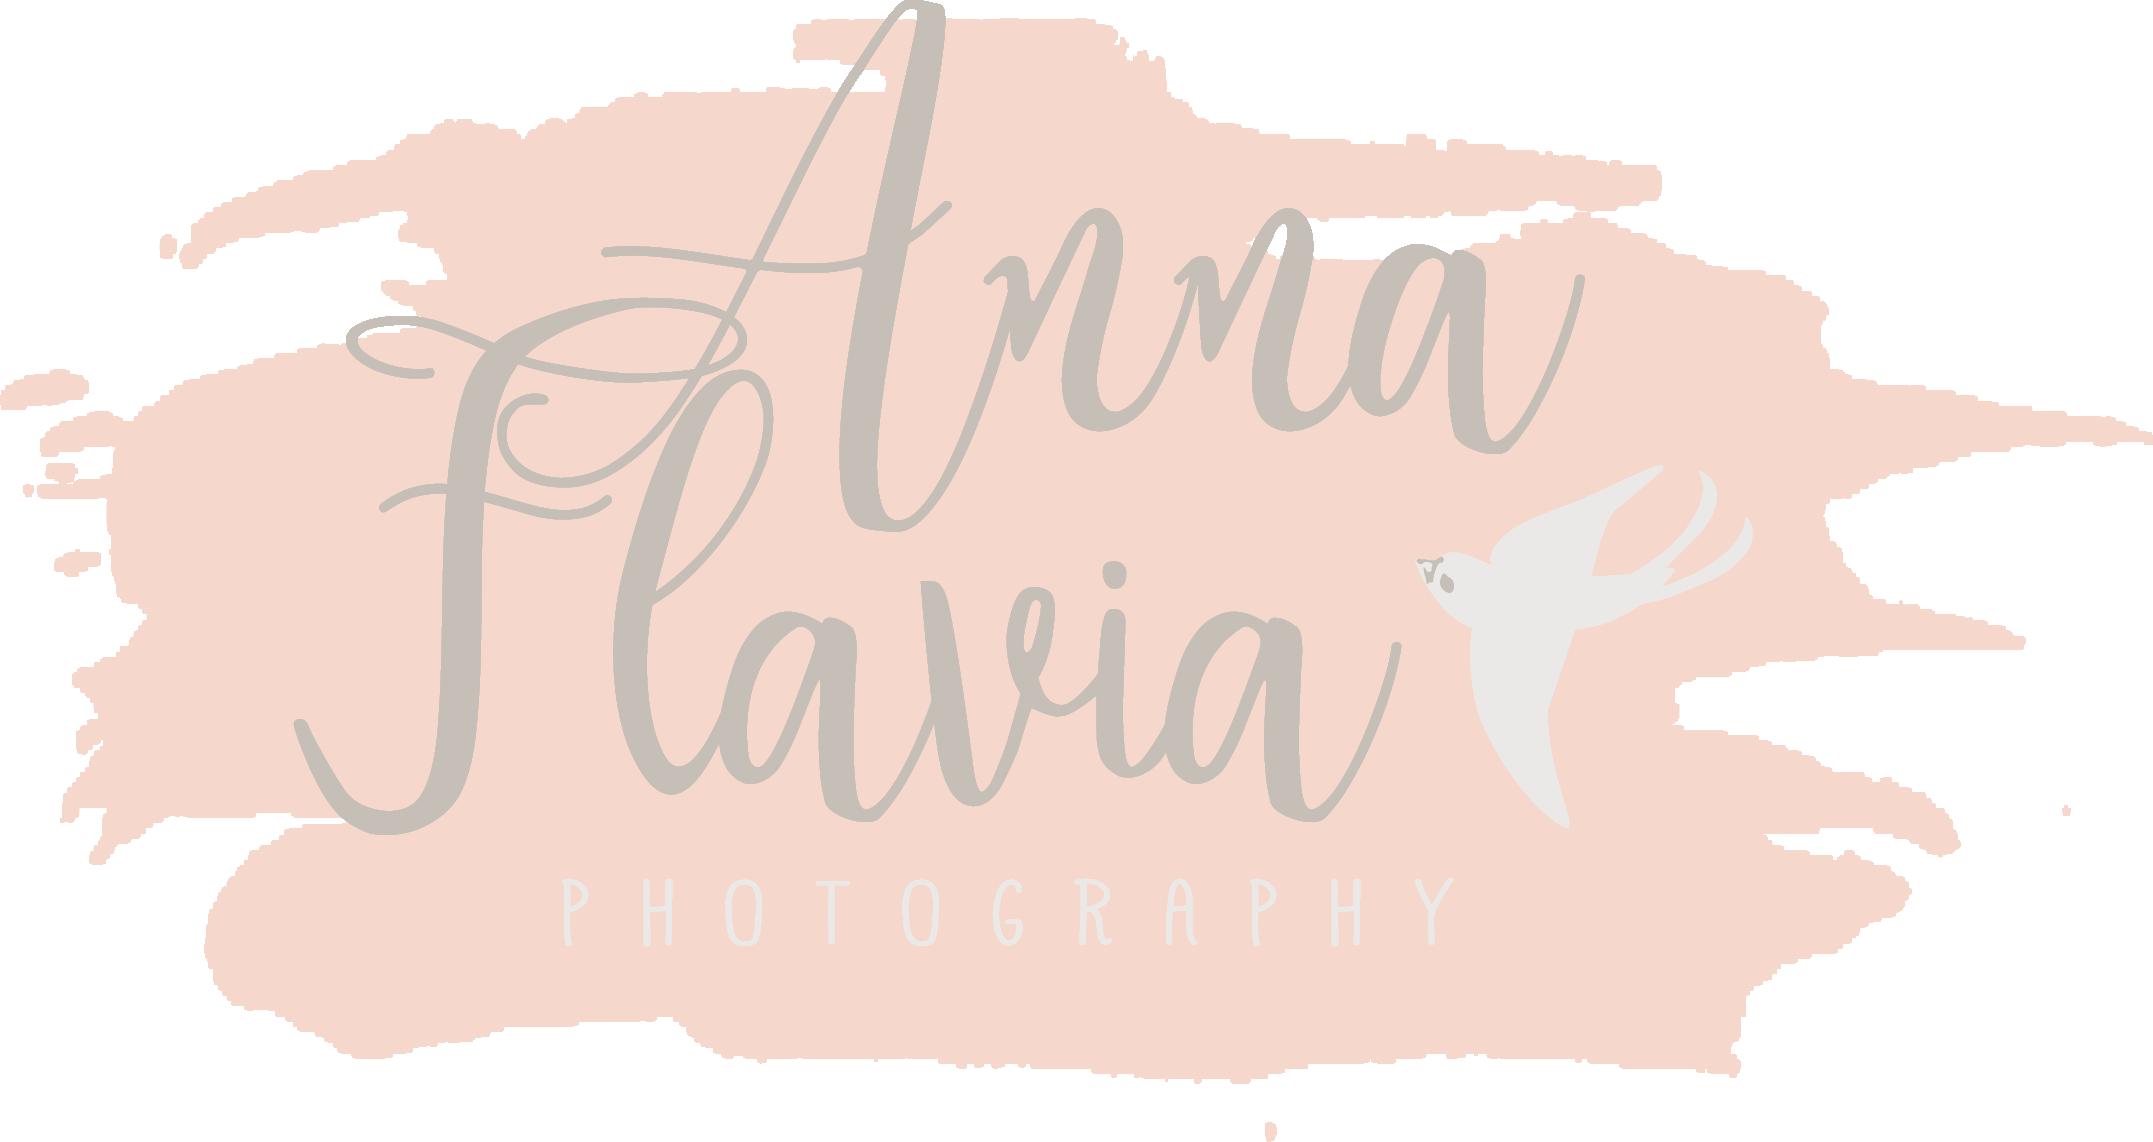 Anna Flavia